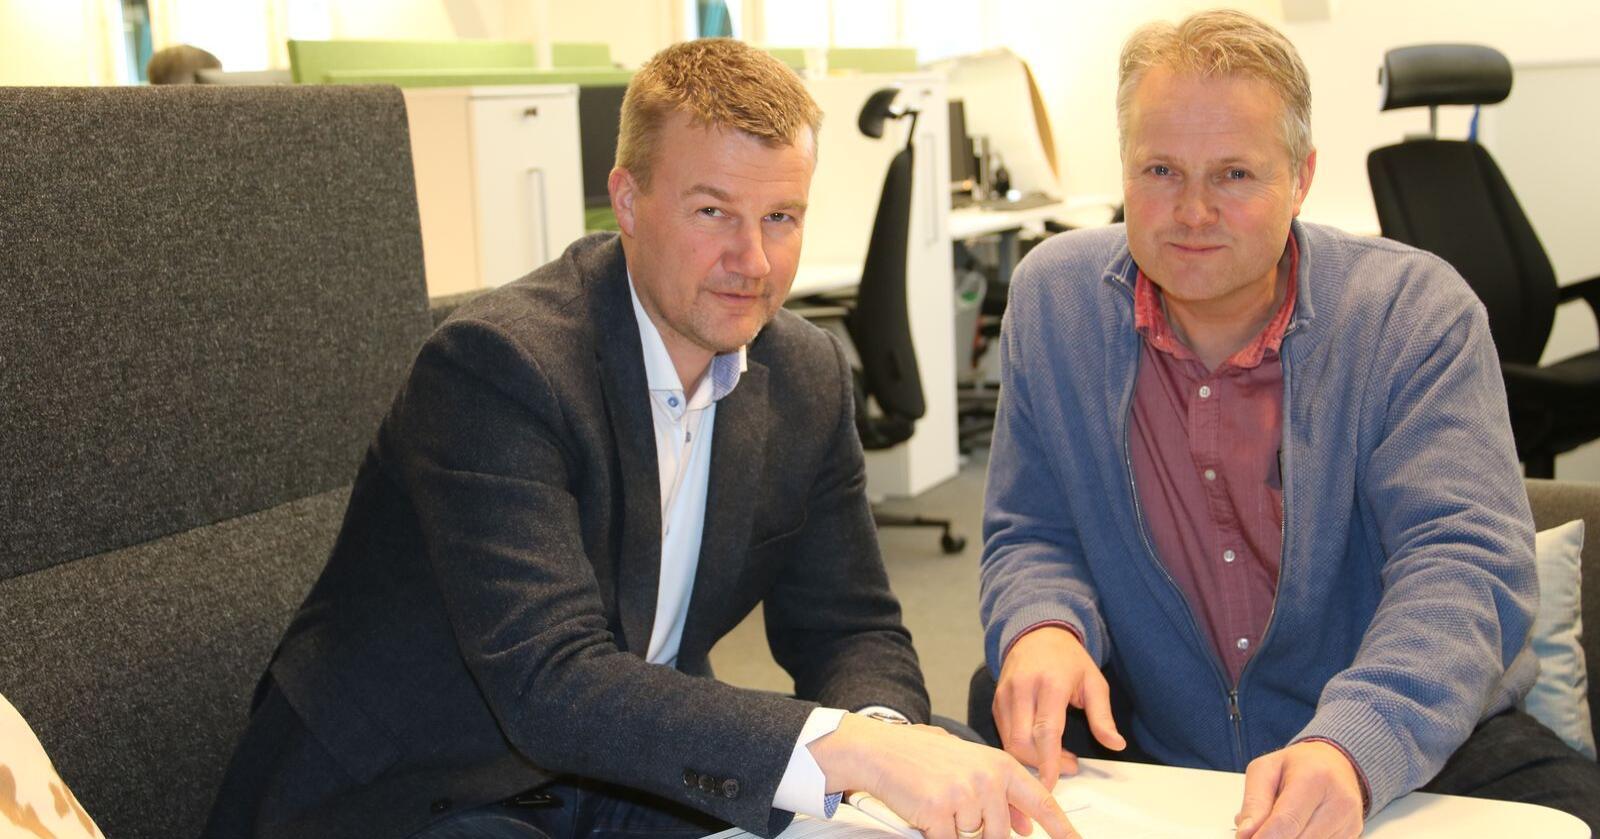 Kundene våre har talt, og vi har lyttet, mener konsernsjef Ole Laurits Lønnum (t.v.). Her sammen med styreleder Hans Edvard Torp. (Foto: Lars Olav Haug)